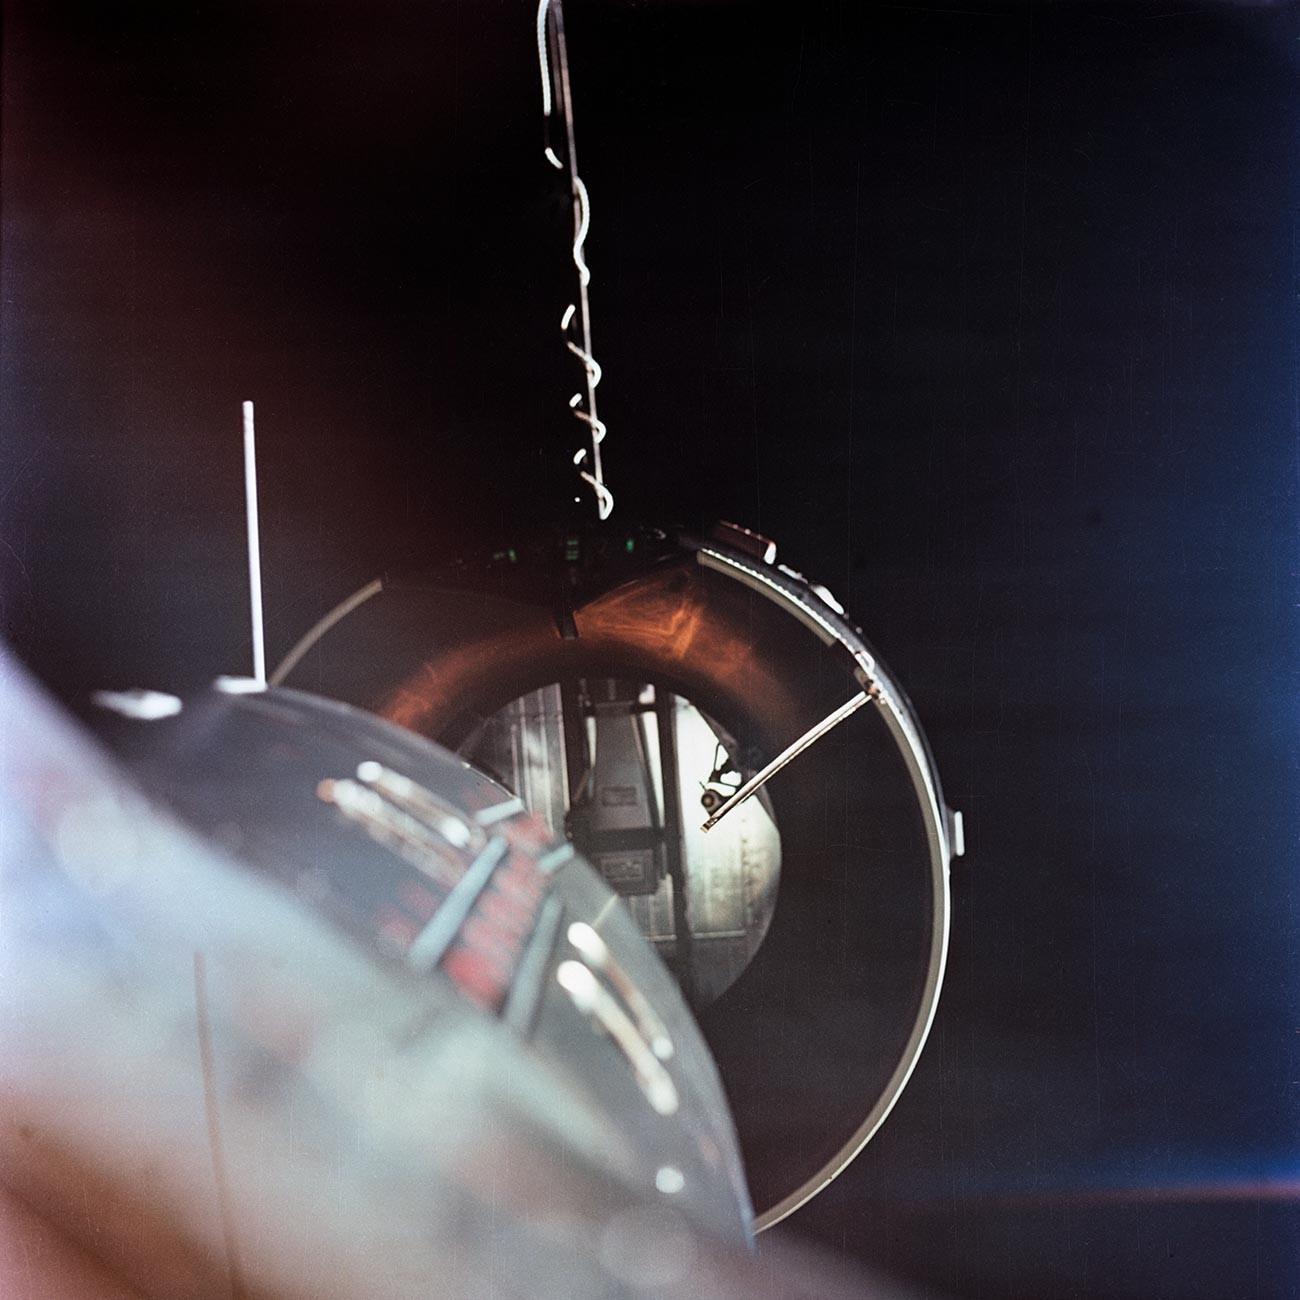 Blick auf den orbitalen Zielflugkörper Gemini Agena Target Vehicle (GATV) vom Zwillingsadapter des Gemini-Programms der Nationalen Luft- und Raumfahrtverwaltung aus, der sich etwa zwei Fuß von der Nase des Raumfahrzeugs entfernt befindet (unten links).